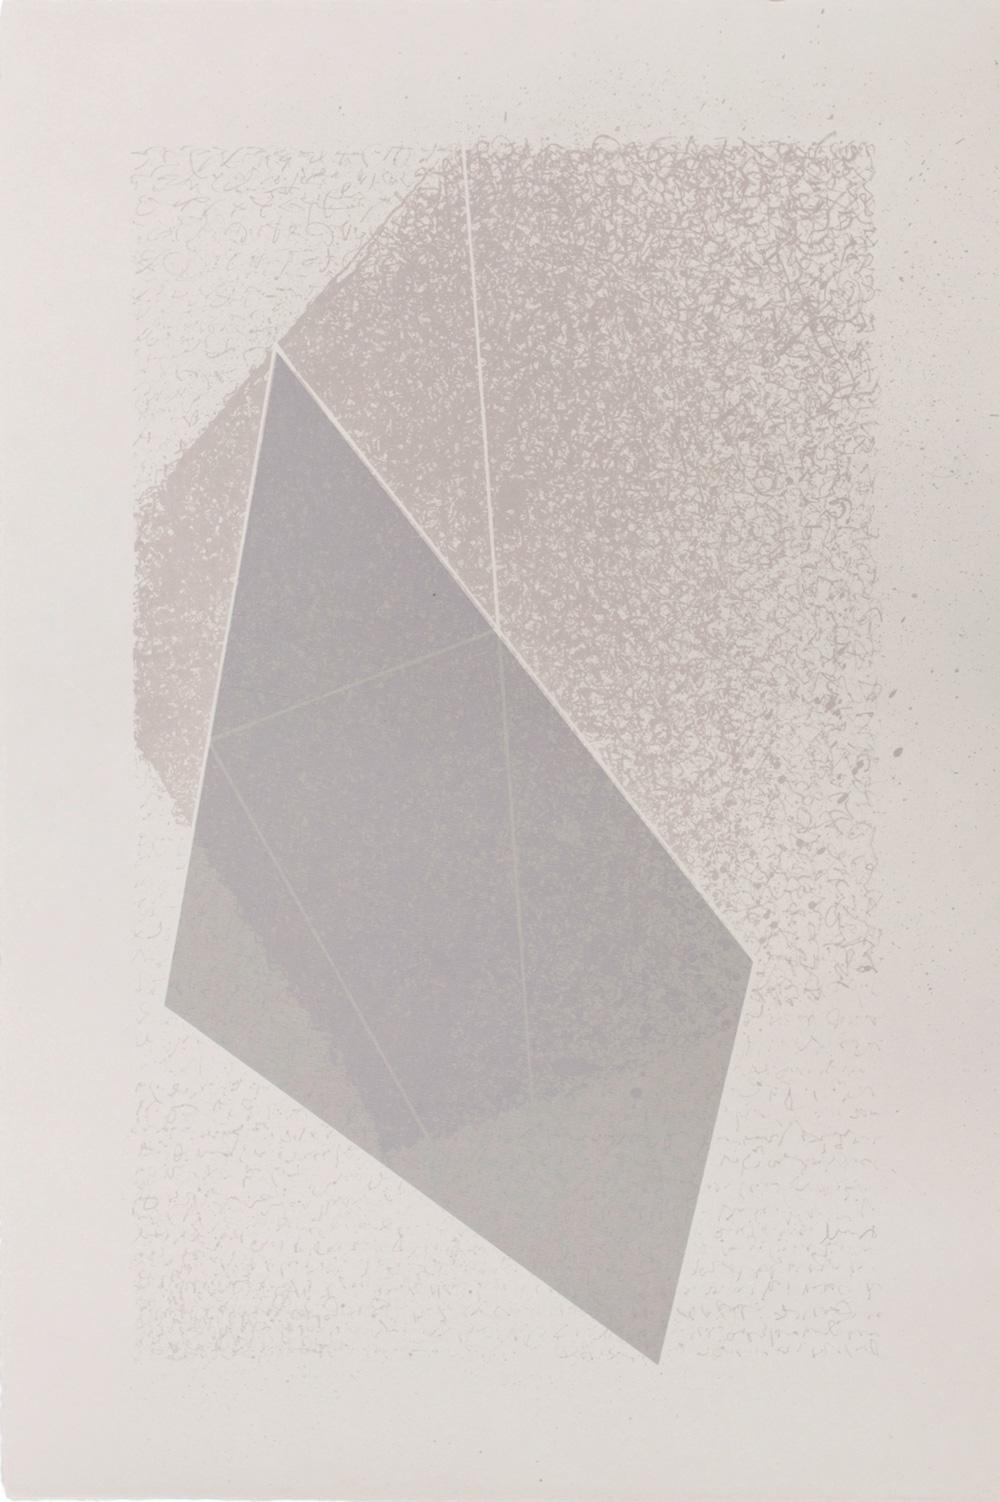 Albuquerque Colour Cube, 2015, Lithograph, 50 x 35cm